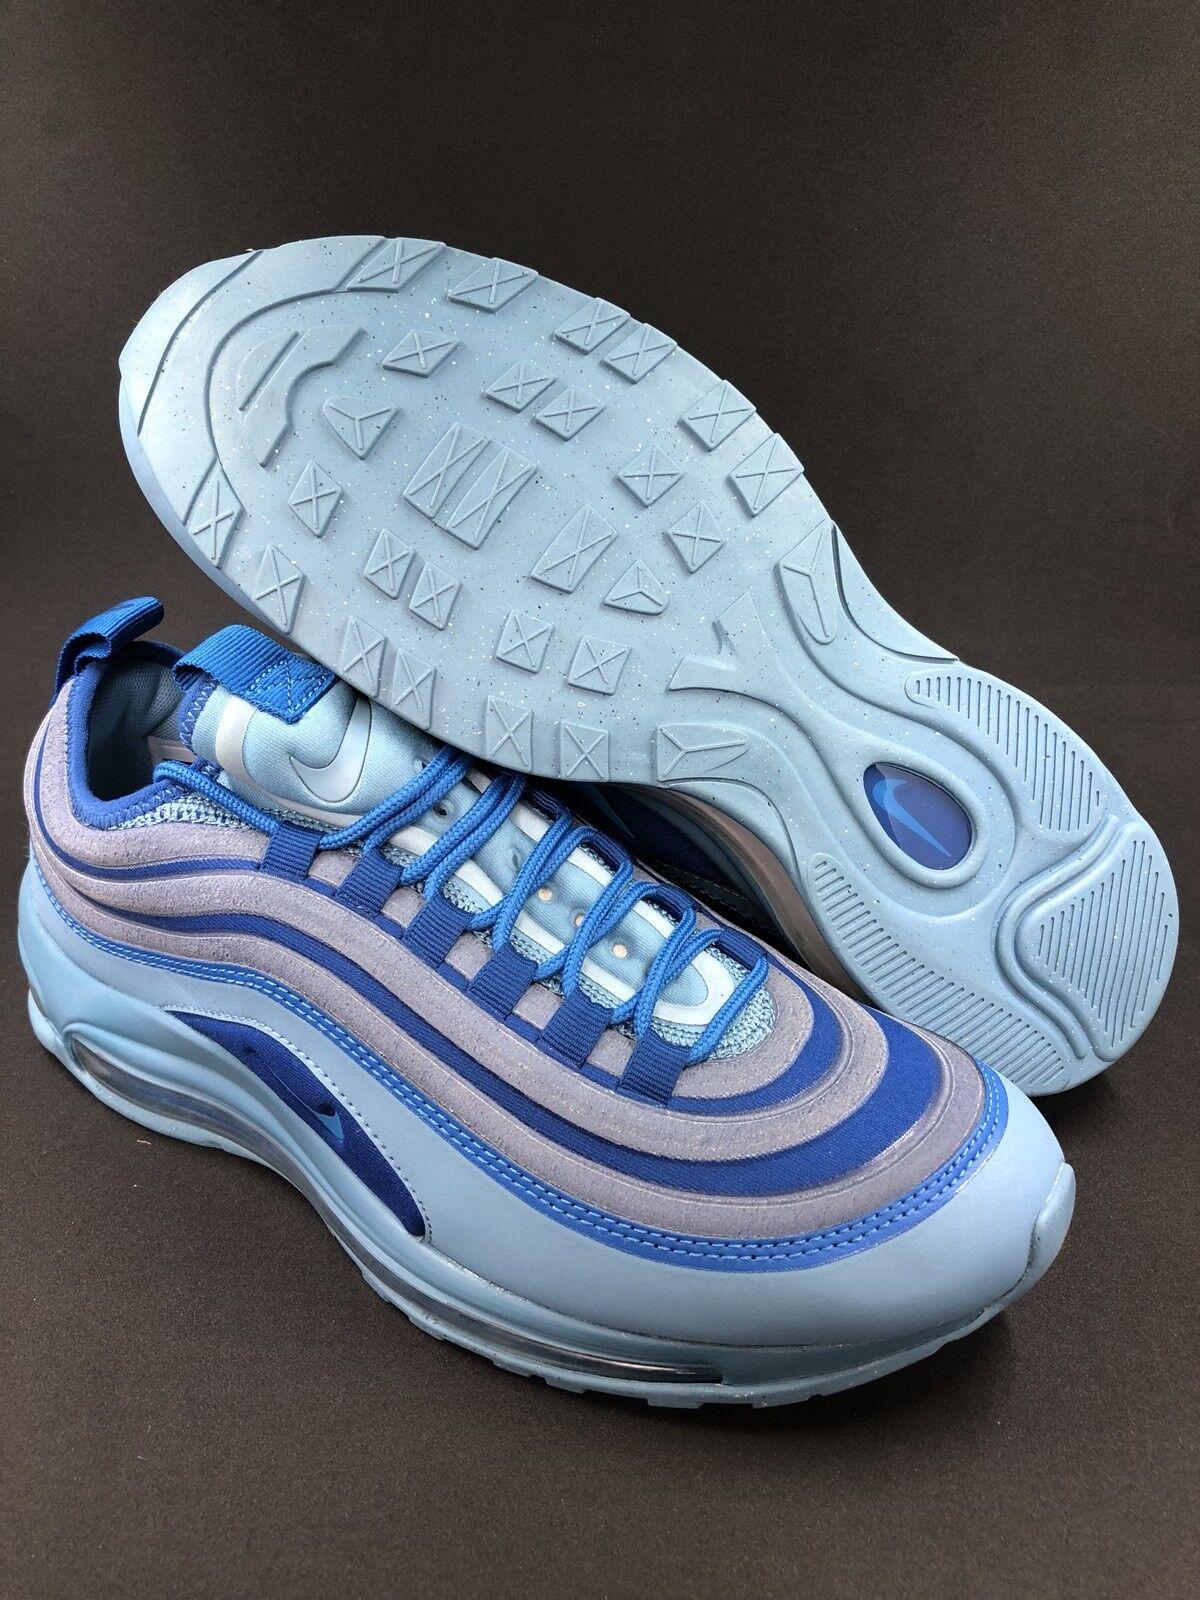 Nike campione blue-grey noi uomini sz 9 [924452-400]